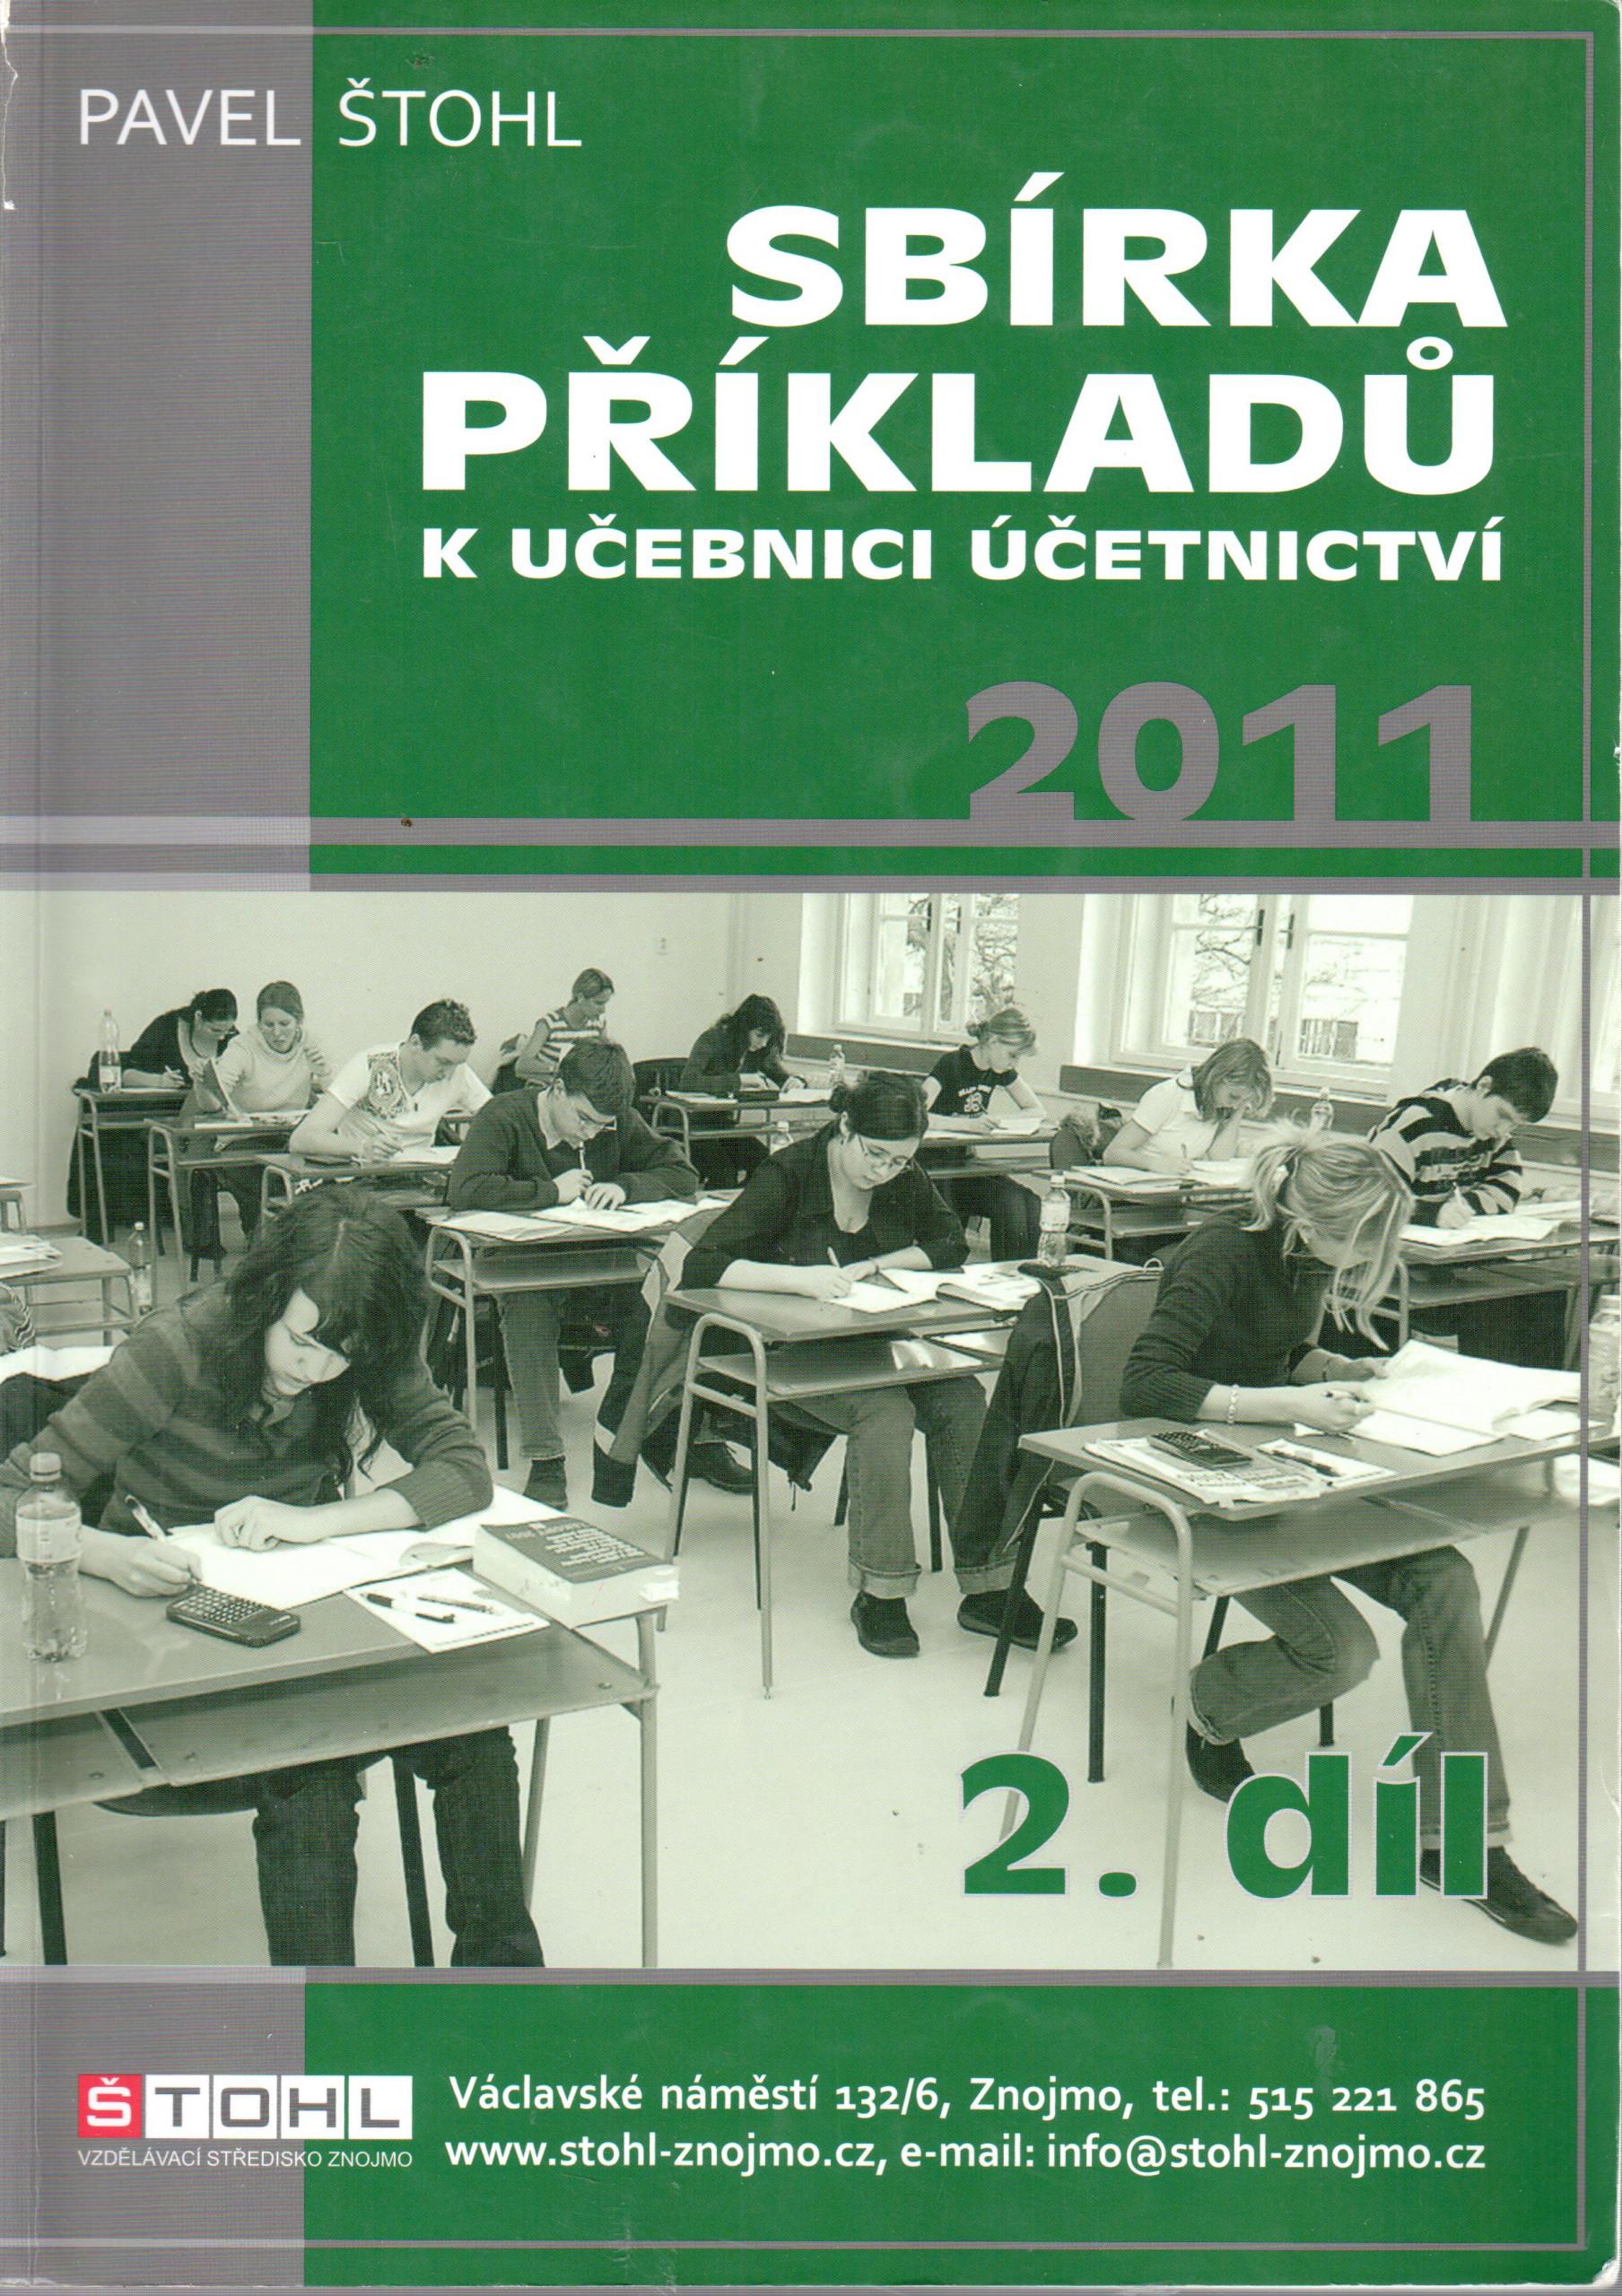 Sbírka příkladů k Učebnici účetnictví 2011 (2. díl) - Náhled učebnice